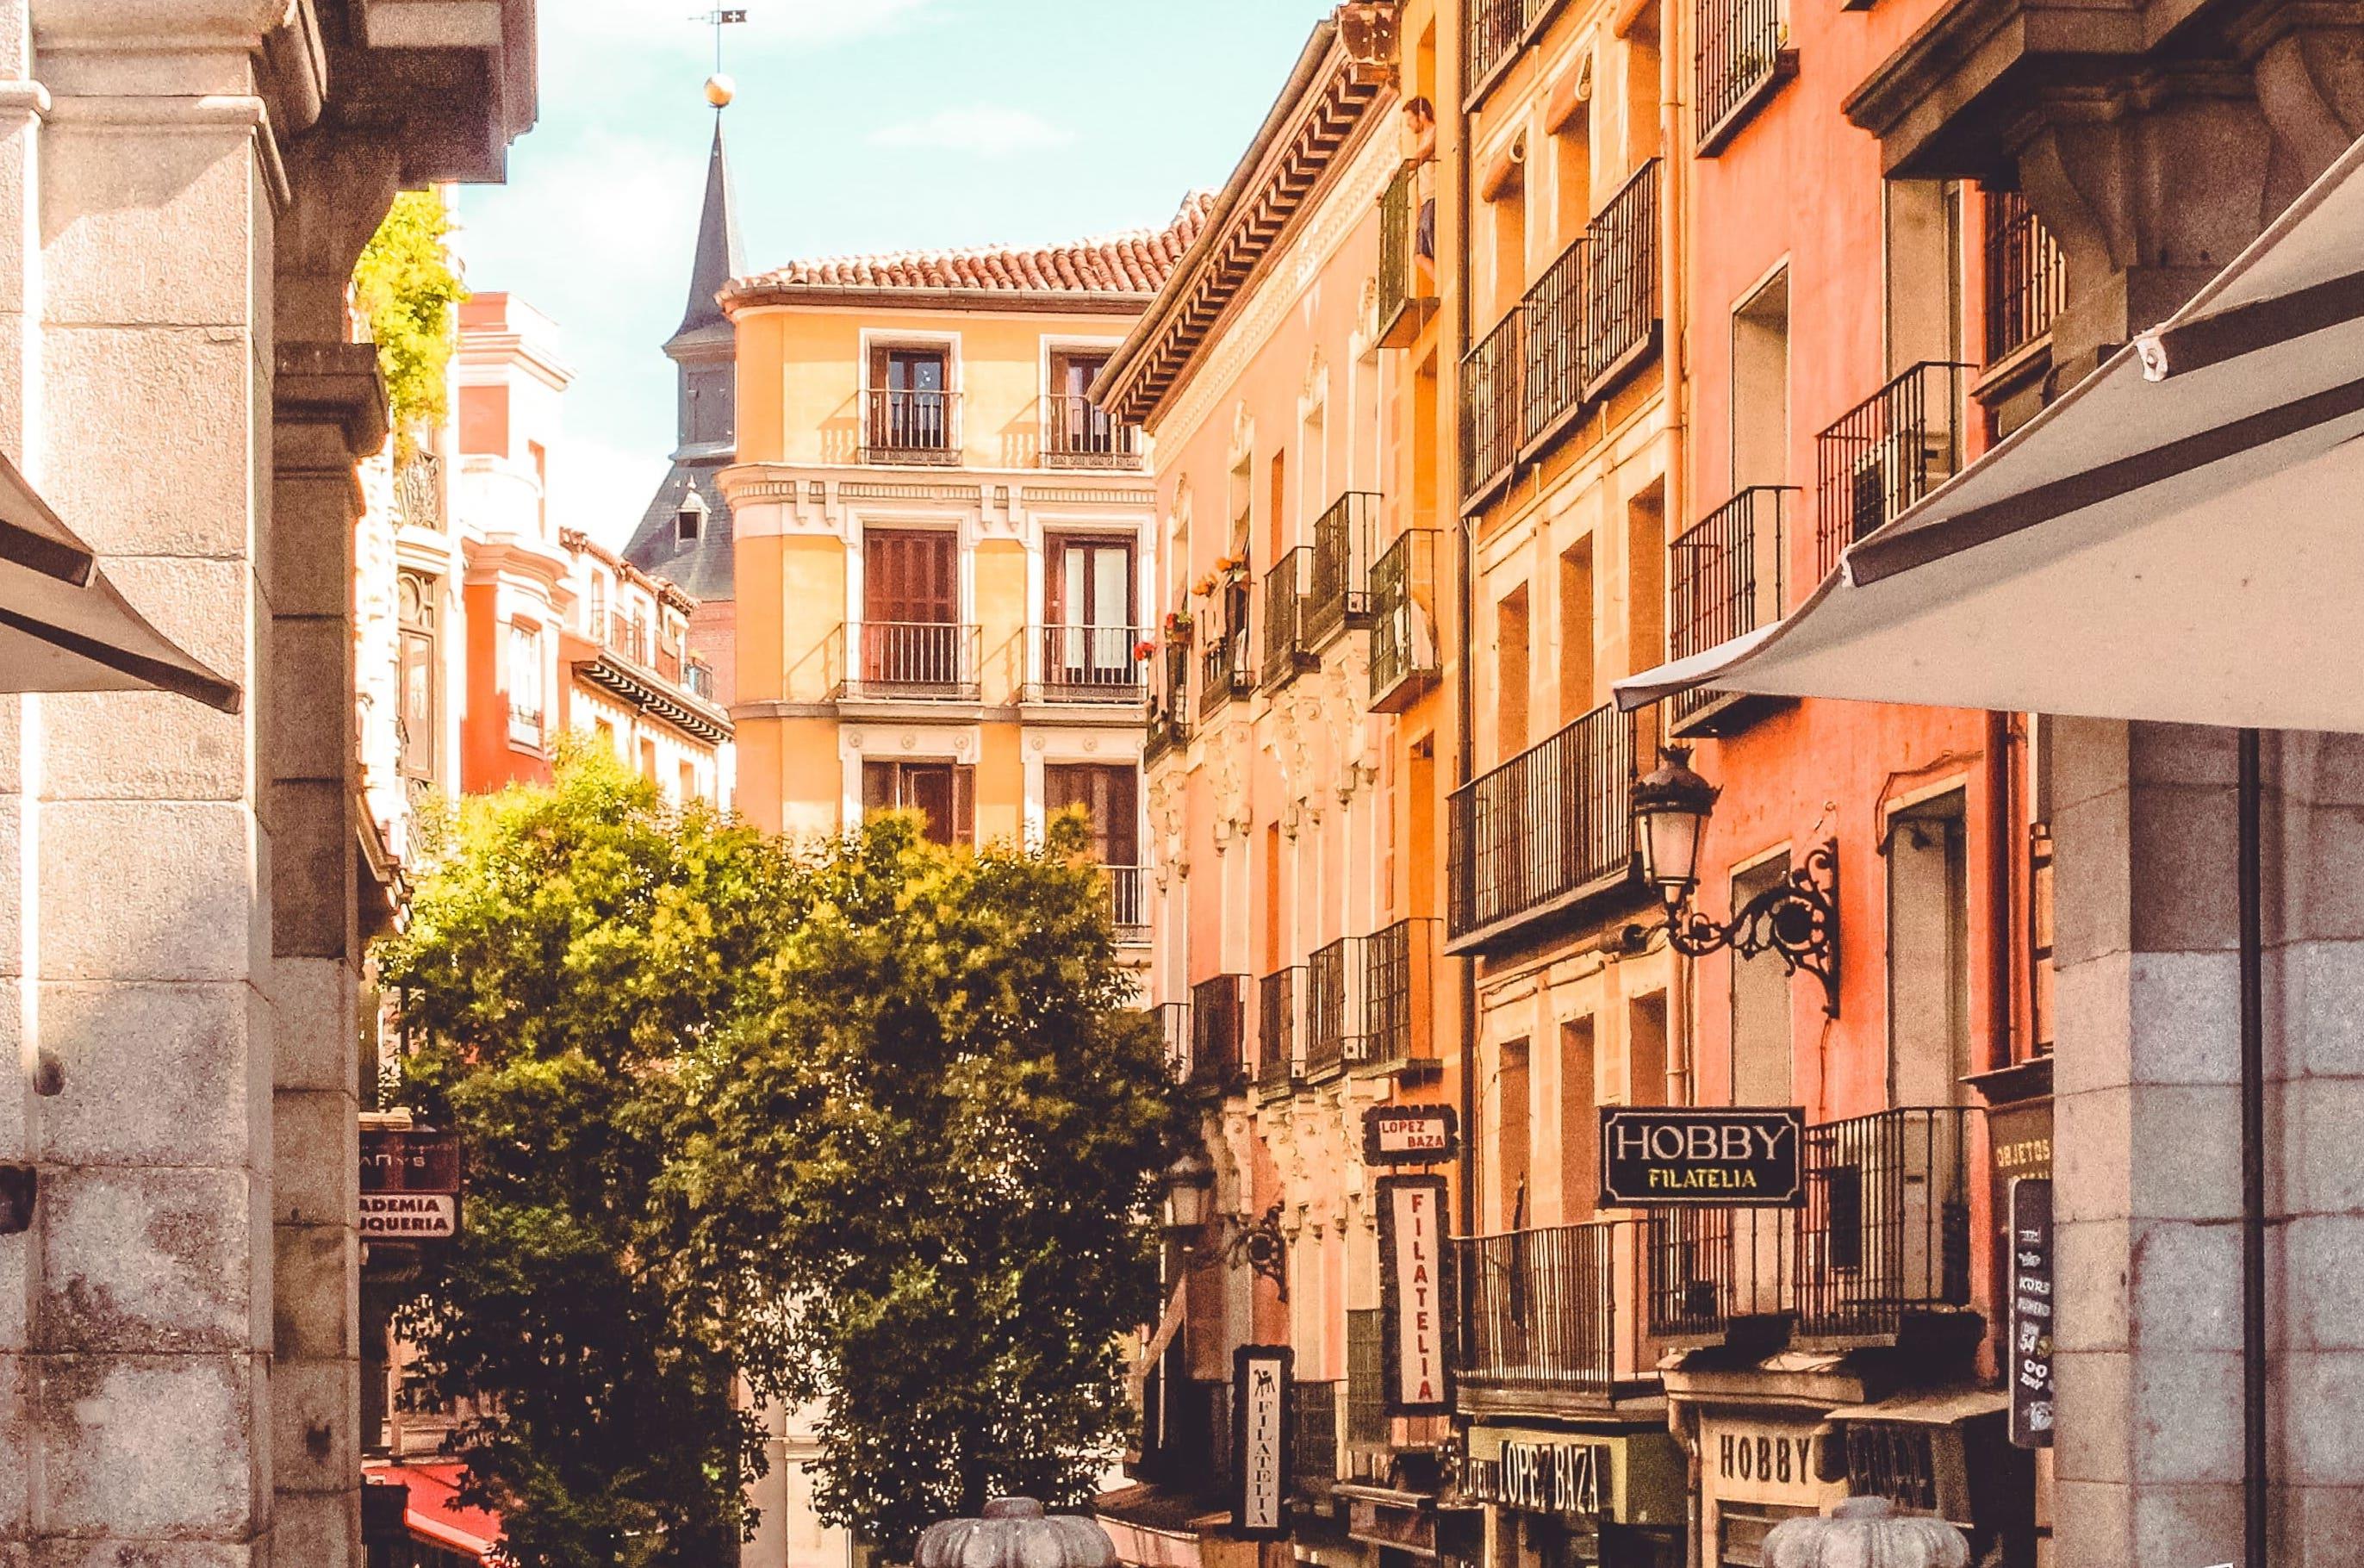 Madrid salamanca Spain real estate market casafari metasearch